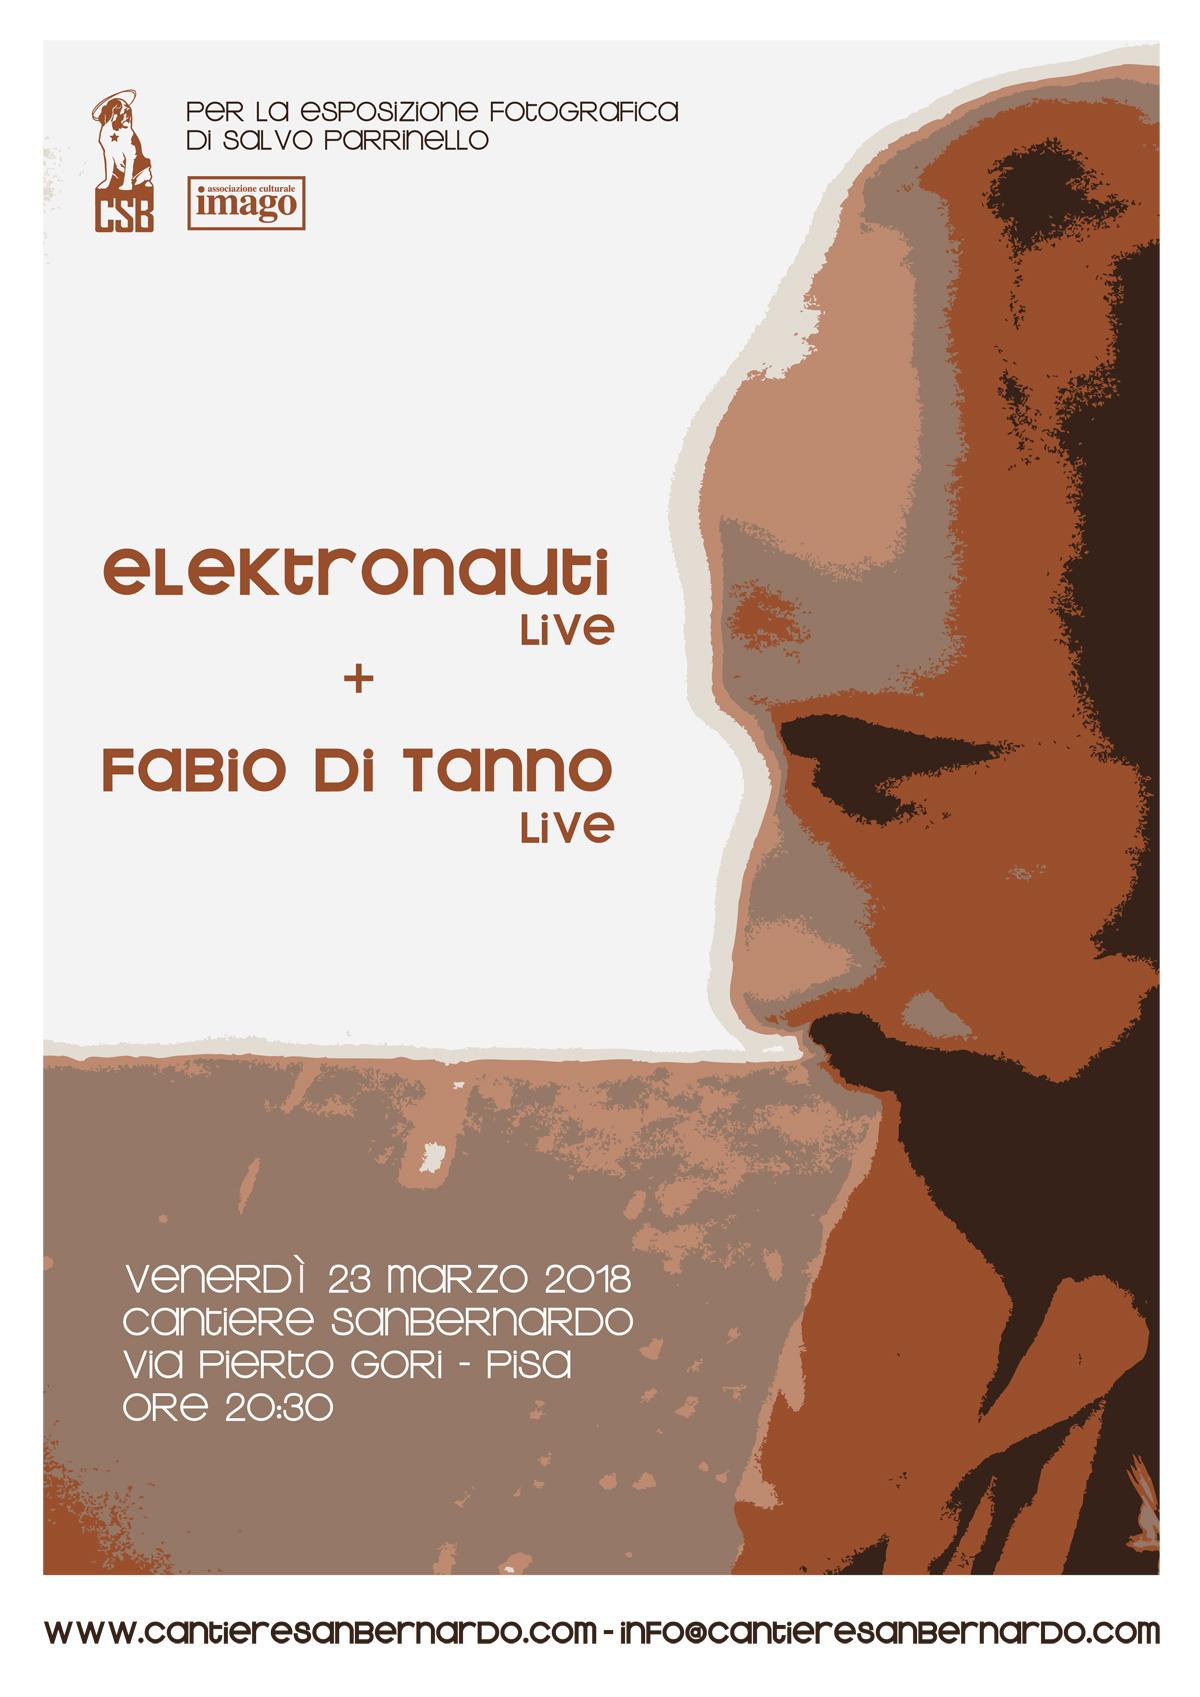 Elektronauti + Fabio Di Tanno Live